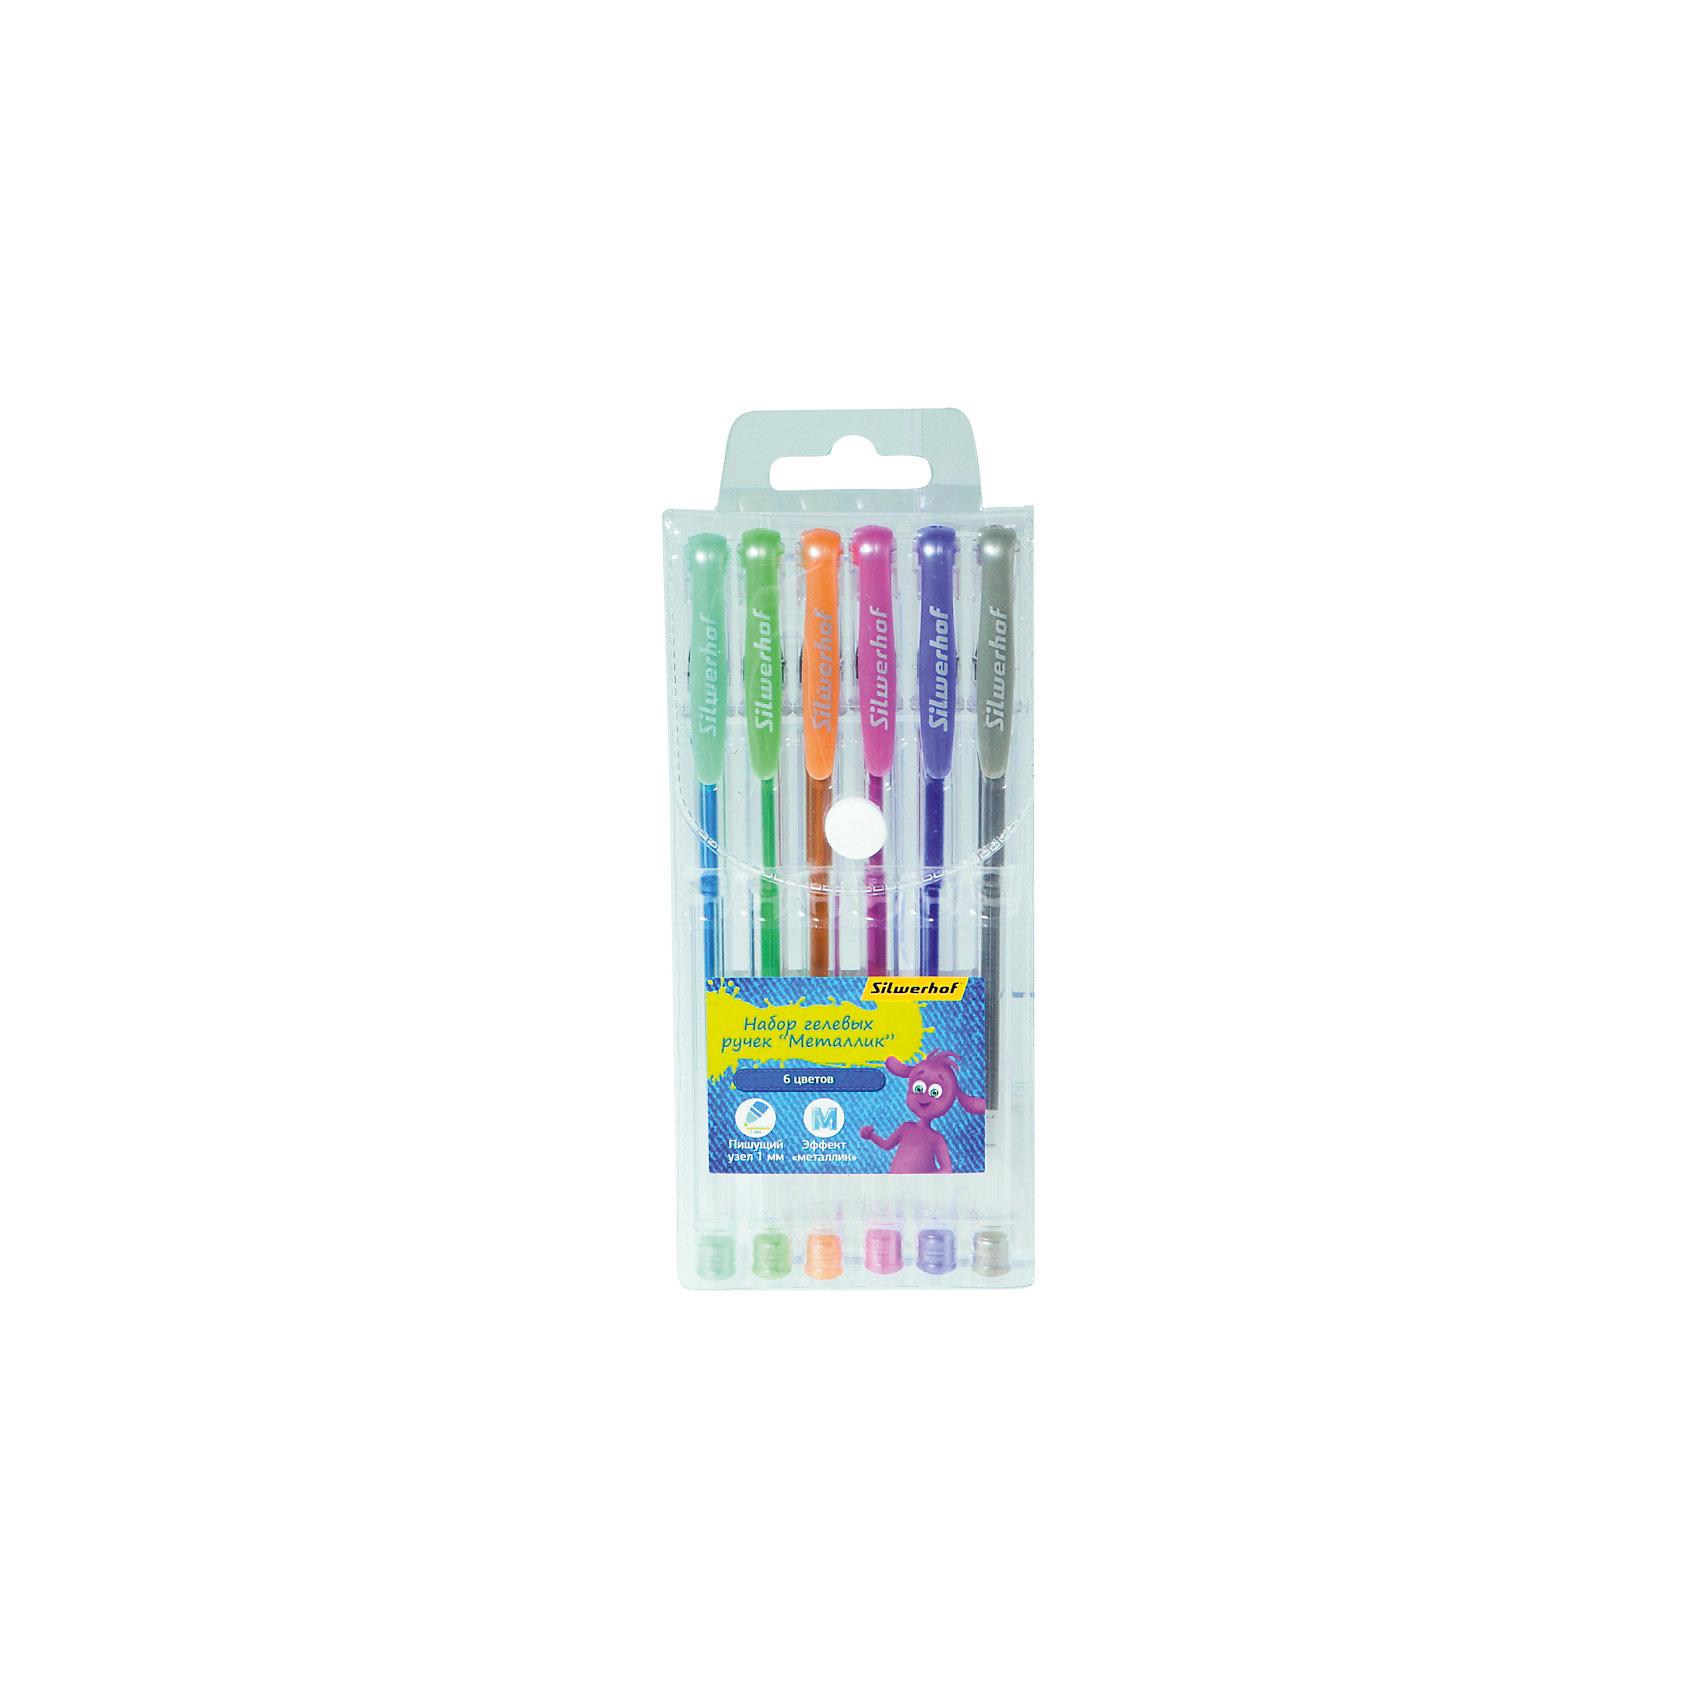 Silwerhof Ручка гелевая, набор 6шт, ДЖИНСОВАЯ КОЛЛЕКЦИЯ гастроном дели s26 офис гелевая ручка ручка углерода ручка ручка черная 0 7mm 12 палочки